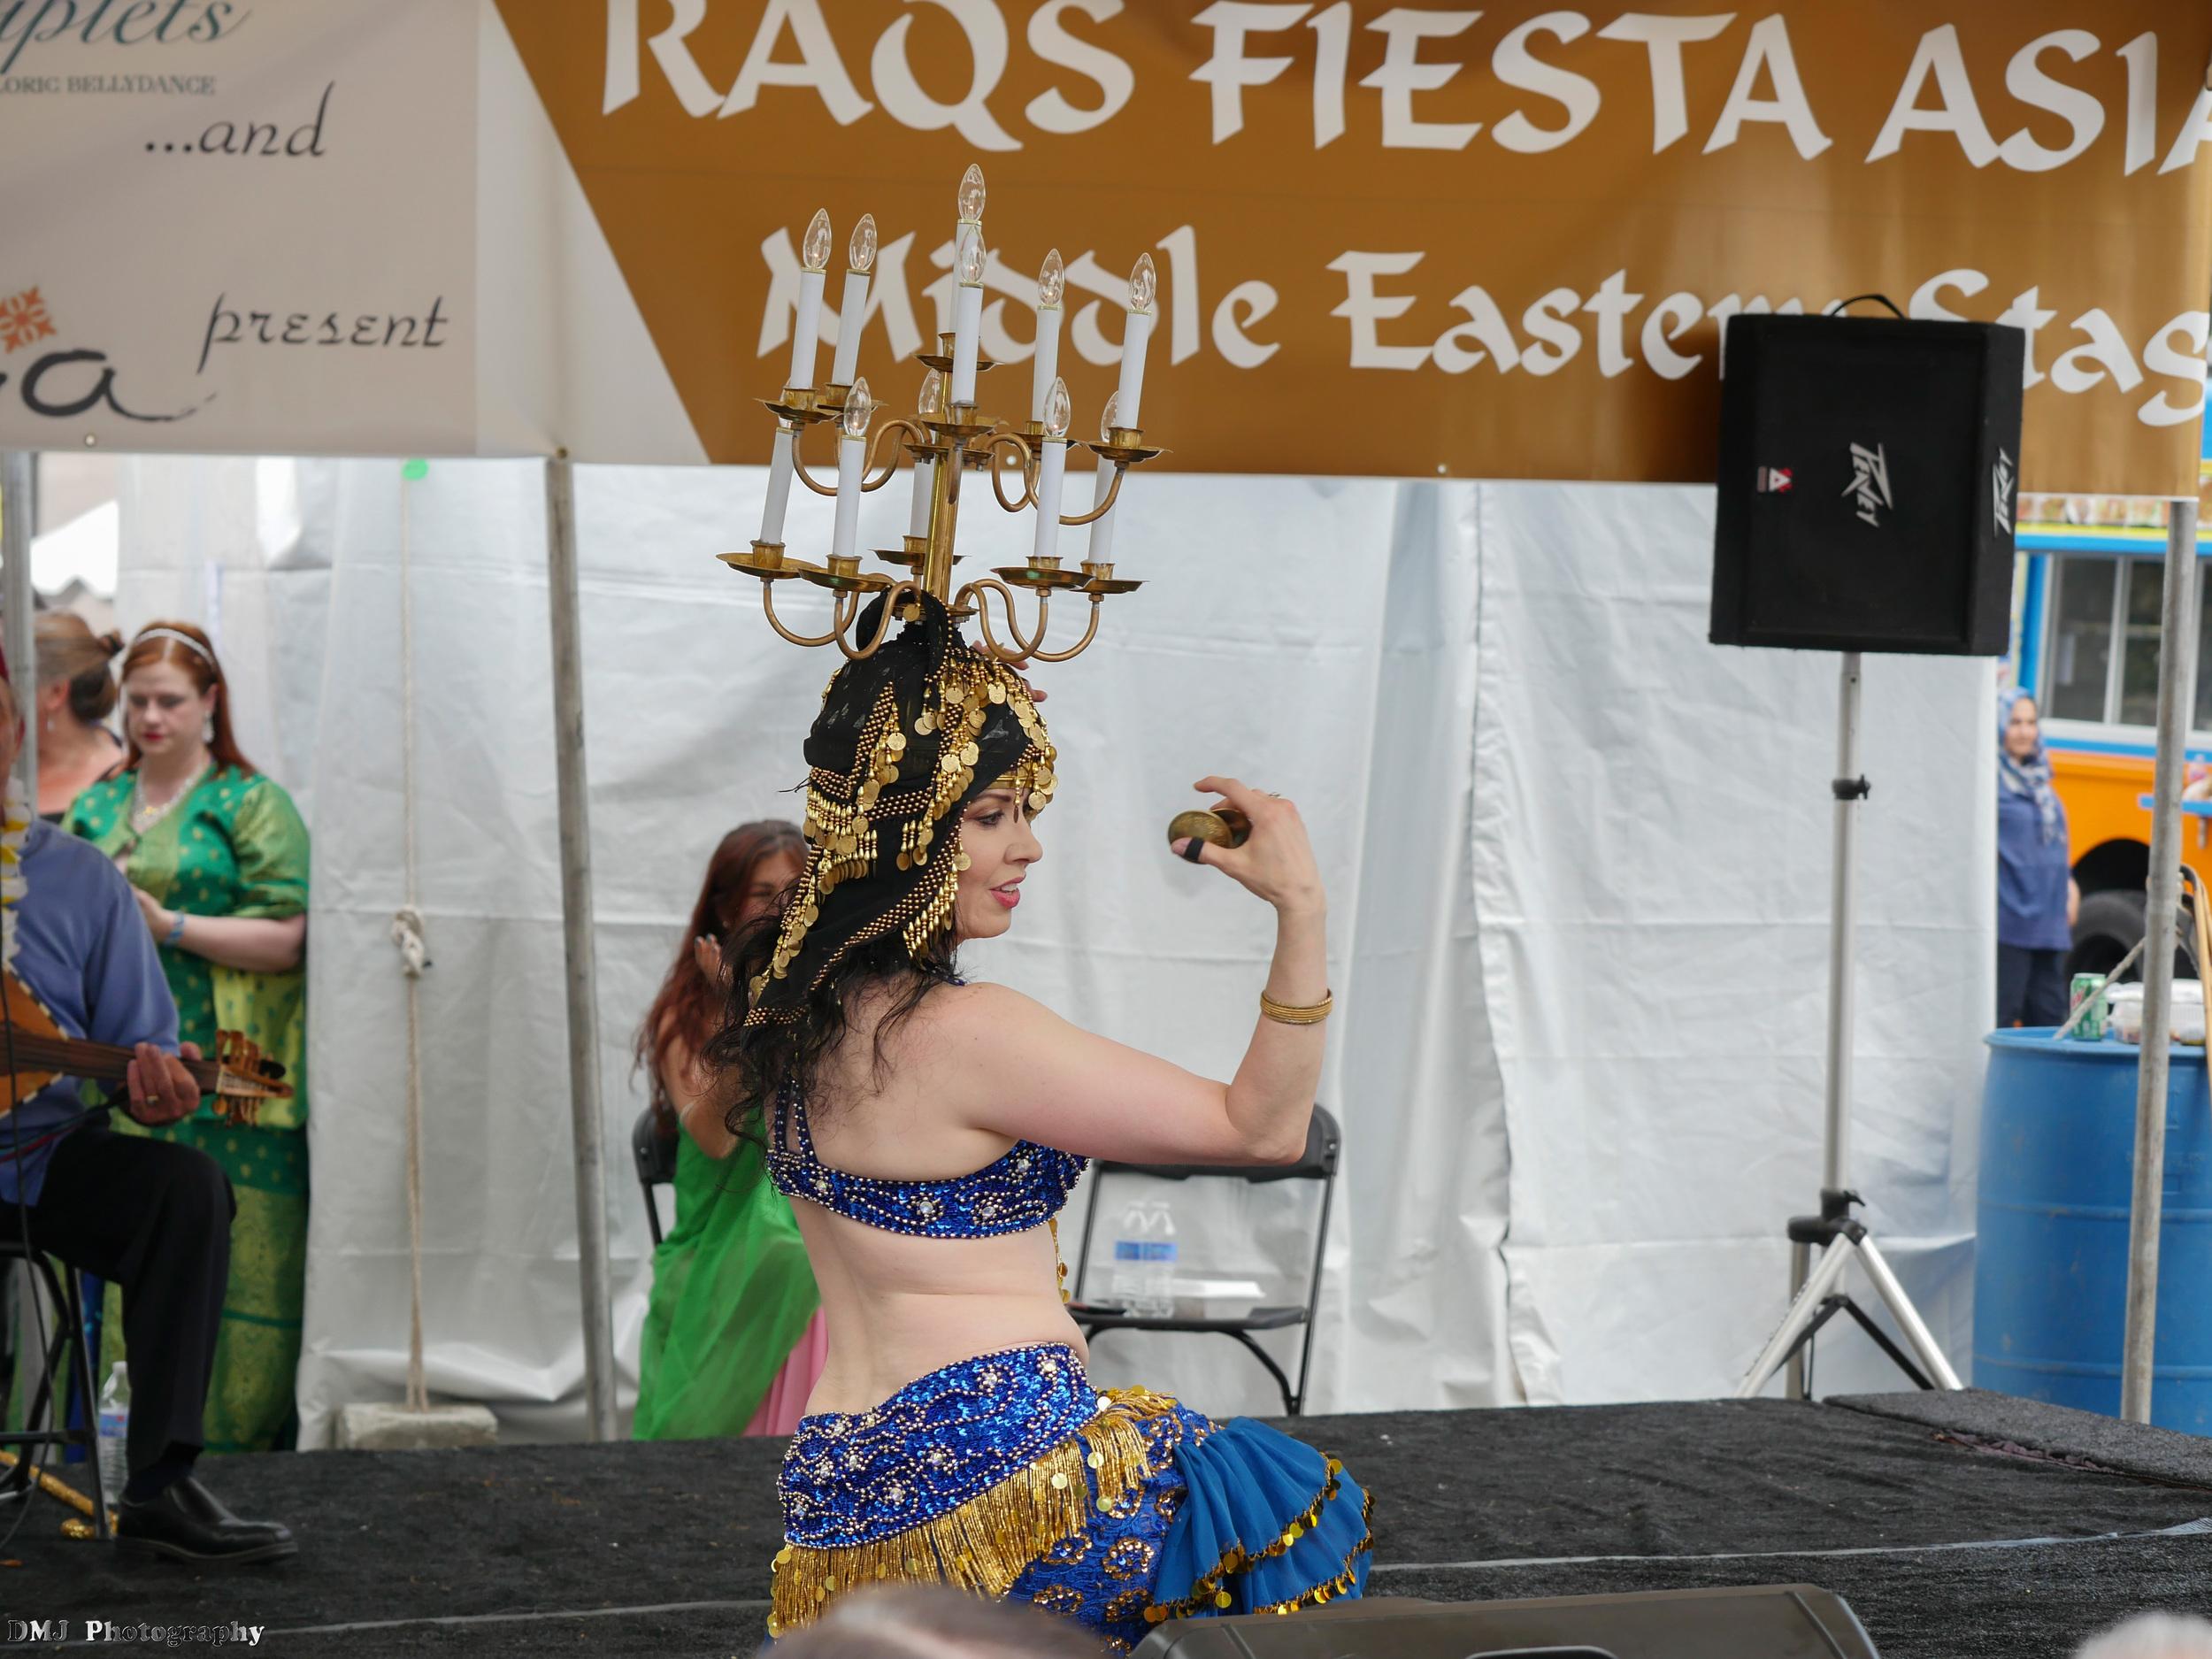 fiesta_asia_street_festival_2015_middle_eastern_stage_18.jpg